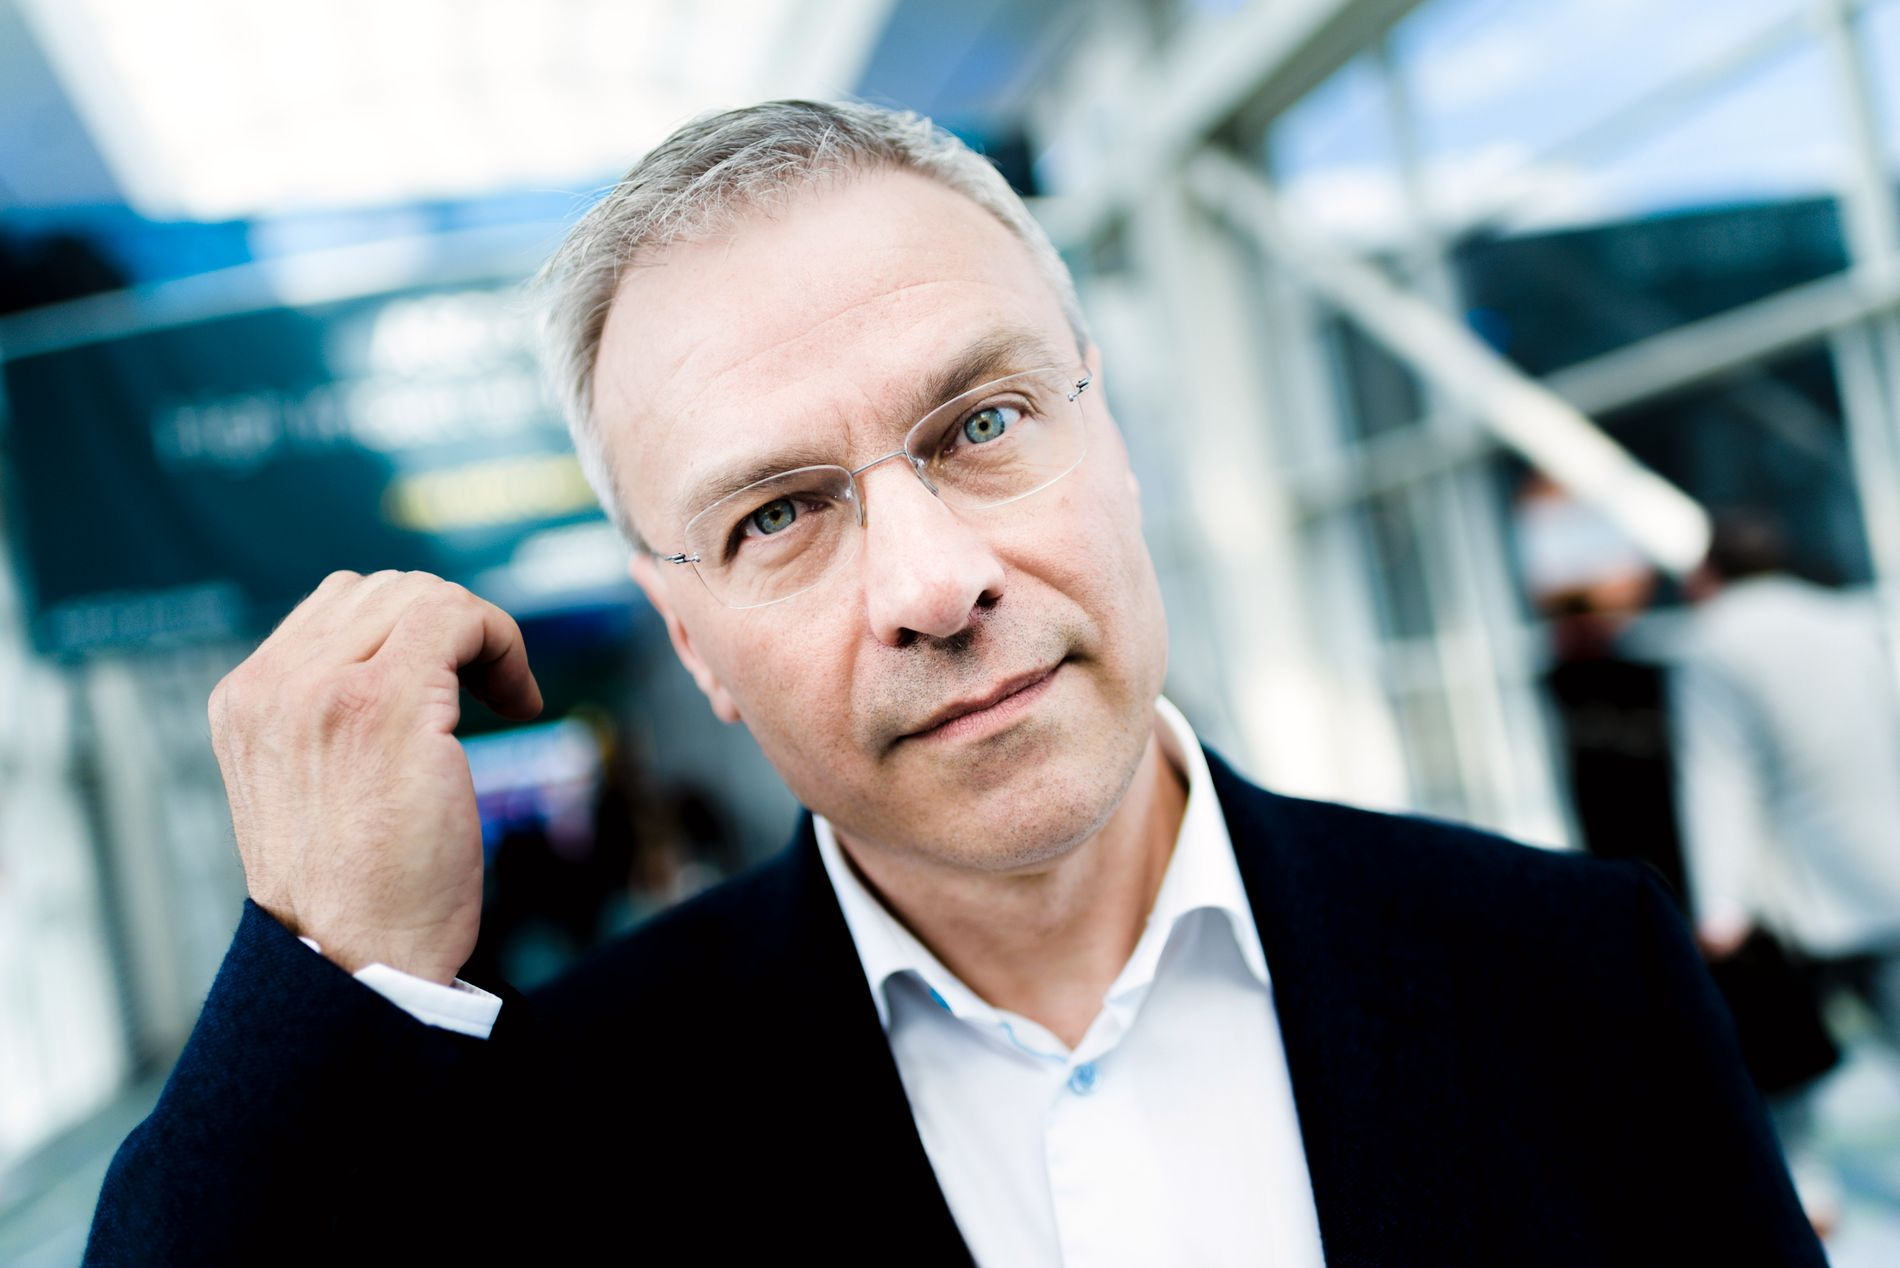 OPTIMISTISK: Forskningsdirektør i Helse Bergen, Bjørn Tore Gjertsen, sier det foregår mye spennende forskning på persontilpasset medisin i Norge. Blant annet ved CCBIO (Center for Cancer Biomarkers) på Haukeland.